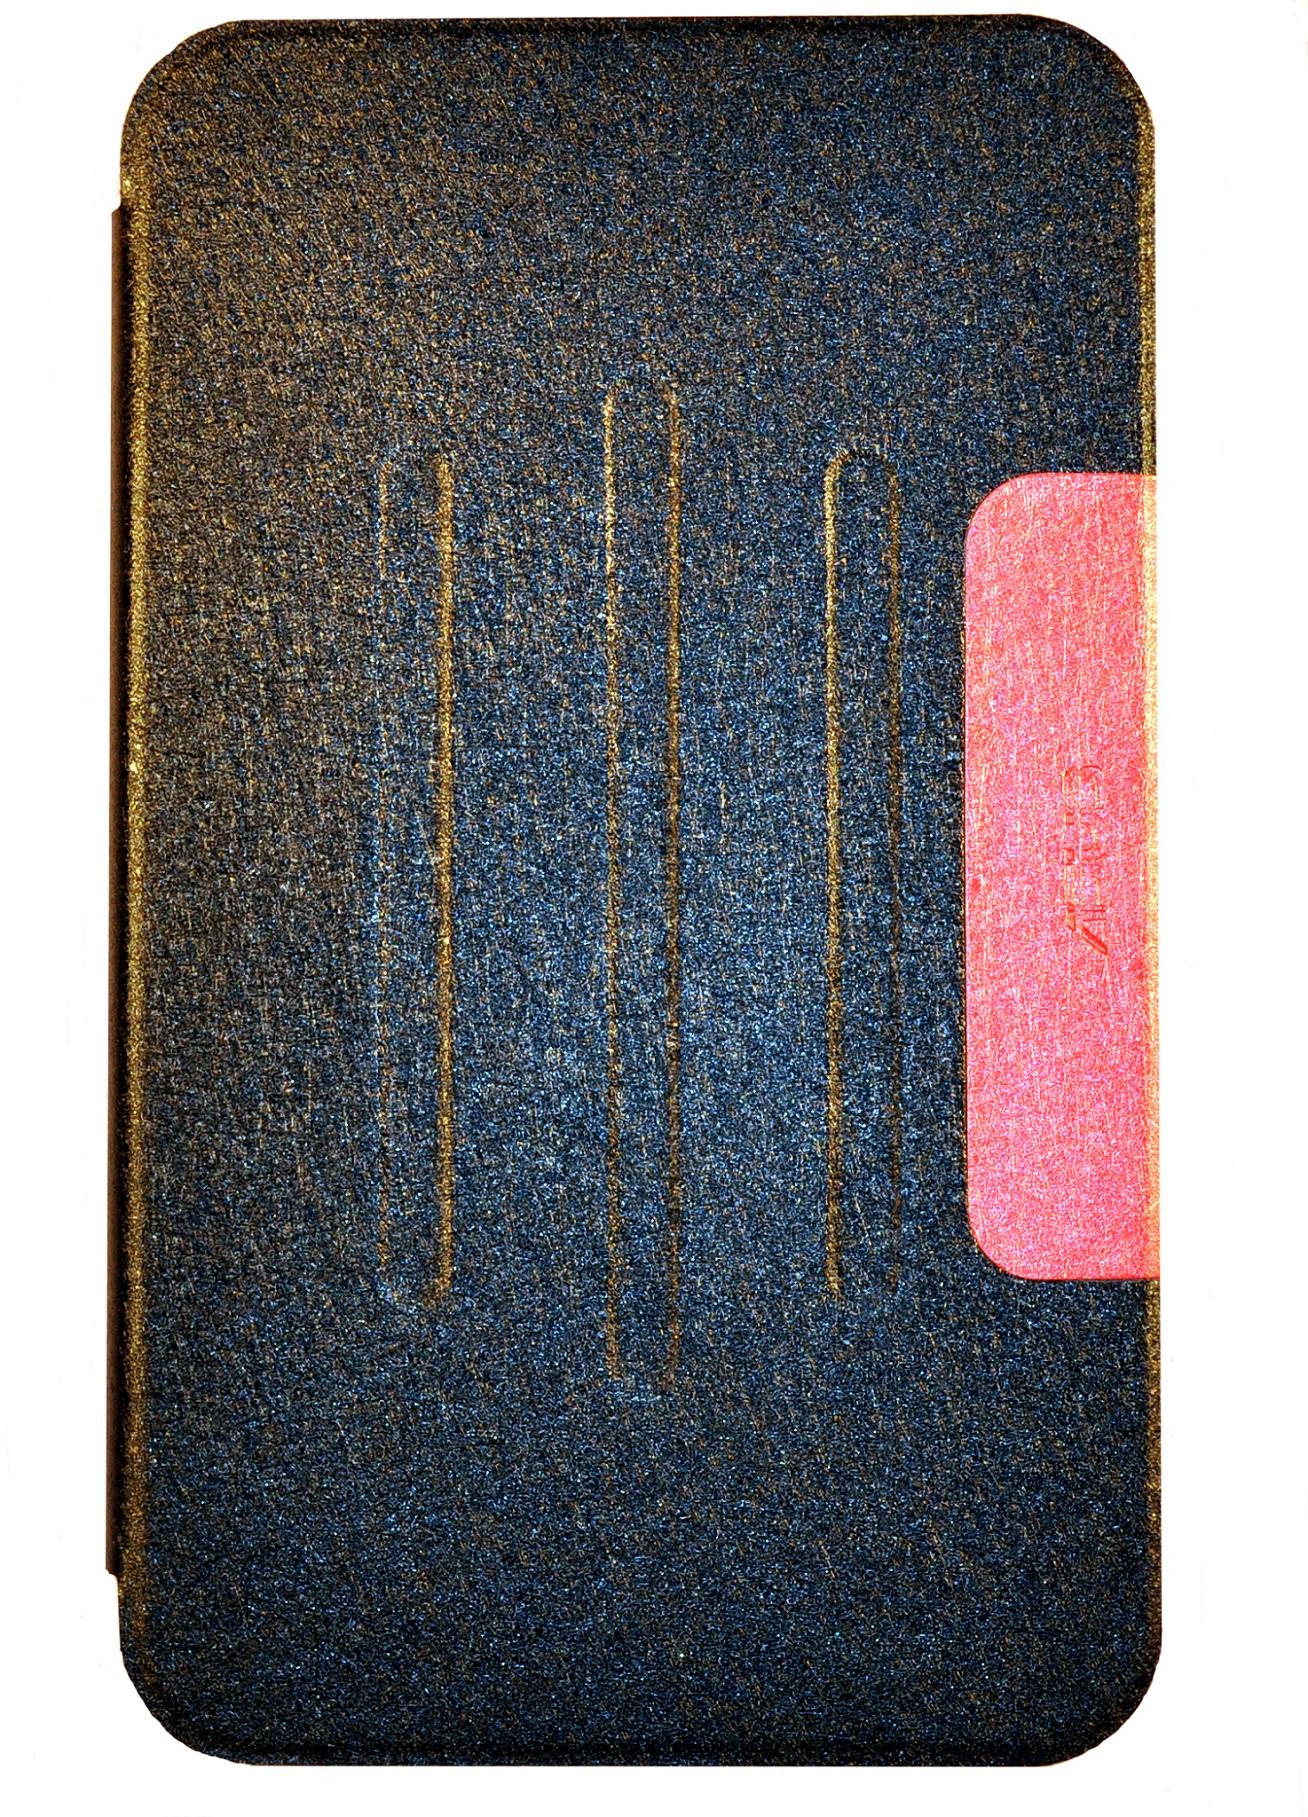 Чехол-книжка Book Cover для ASUS MeMO Pad 8 ME581CL чёрный 2000878020757